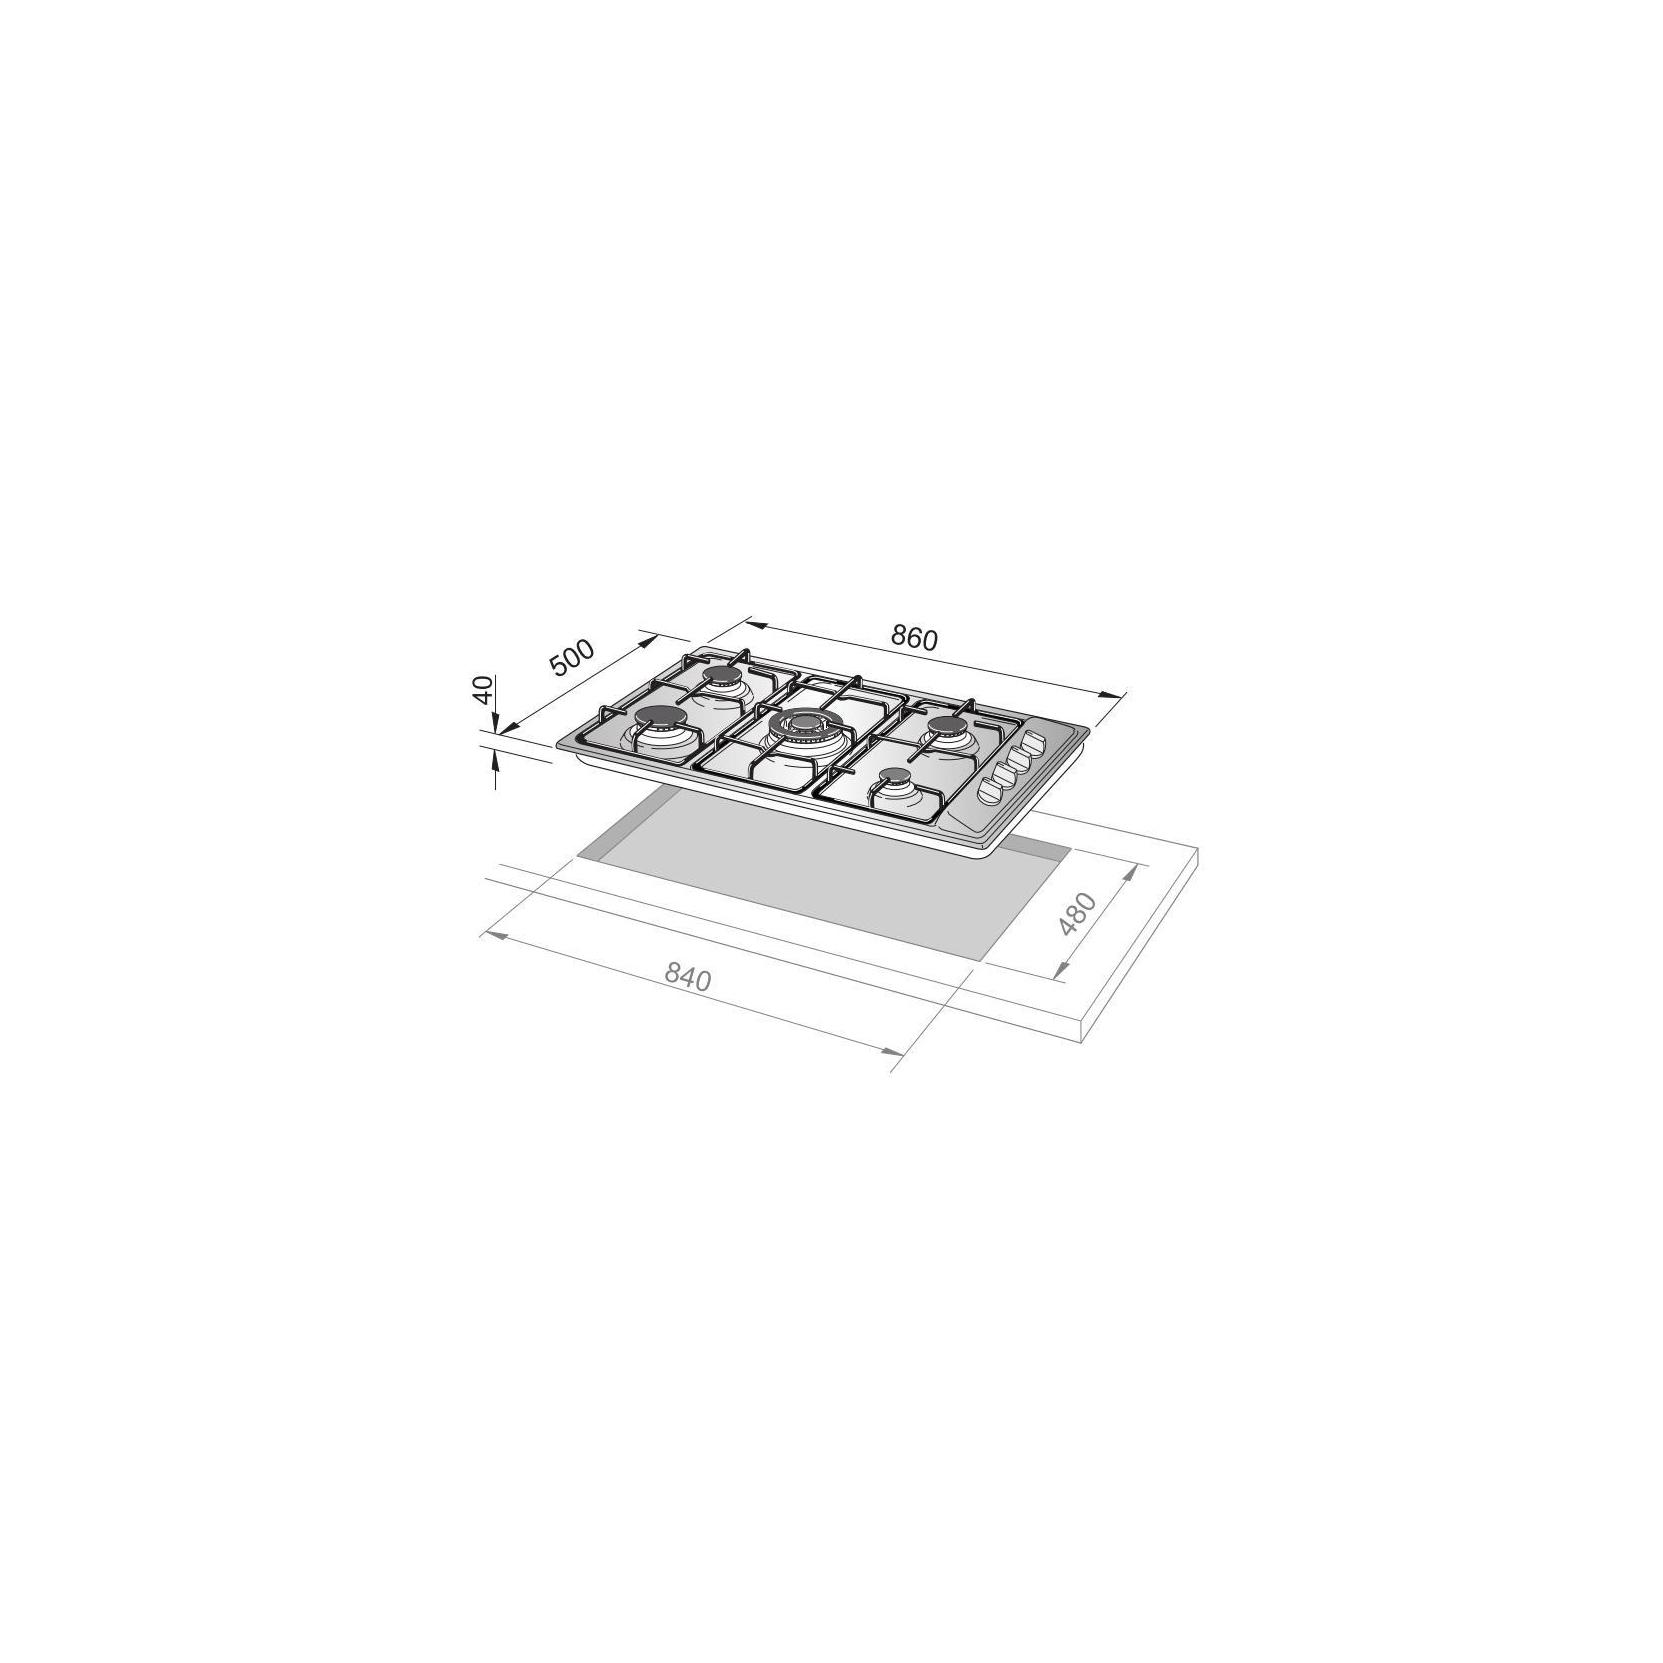 PIANO COTTURA DE LONGHI YAL59ASDV INOX 86X50 5 FUOCHI TRIPLA CORONA  GARANZIA ITALIA- PROMOZIONE - Elettrovillage